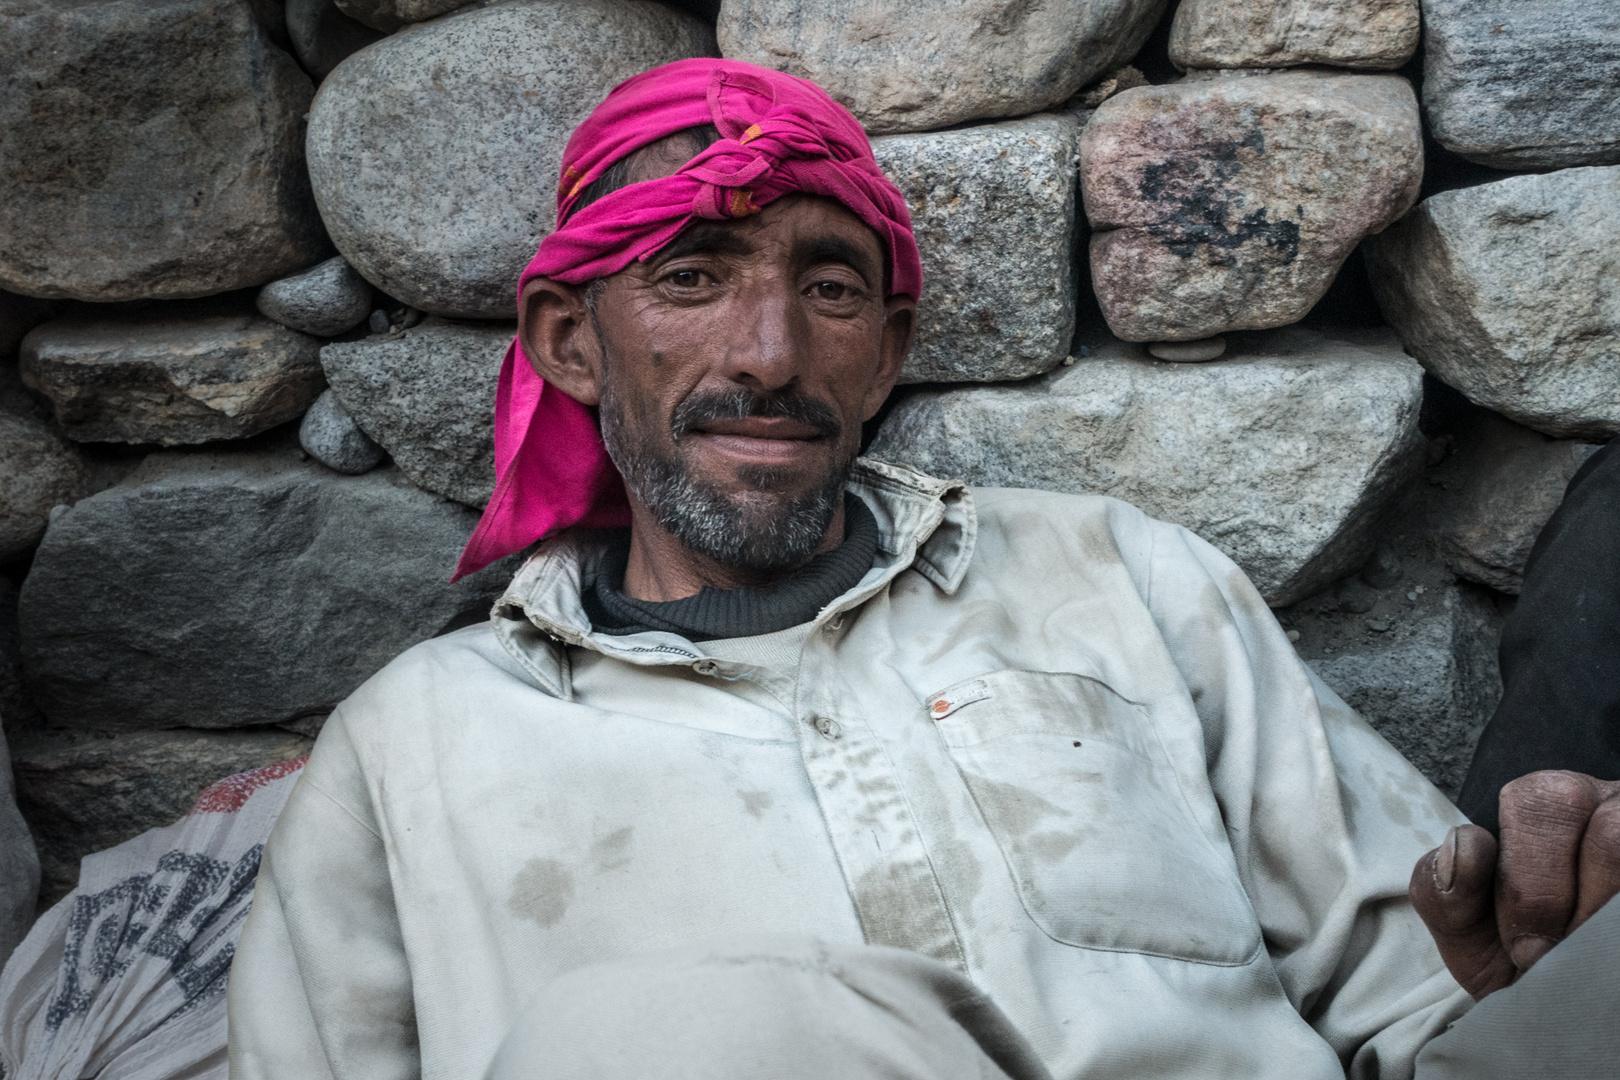 Porträts aus Pakistan: Träger im Baltorogebiet